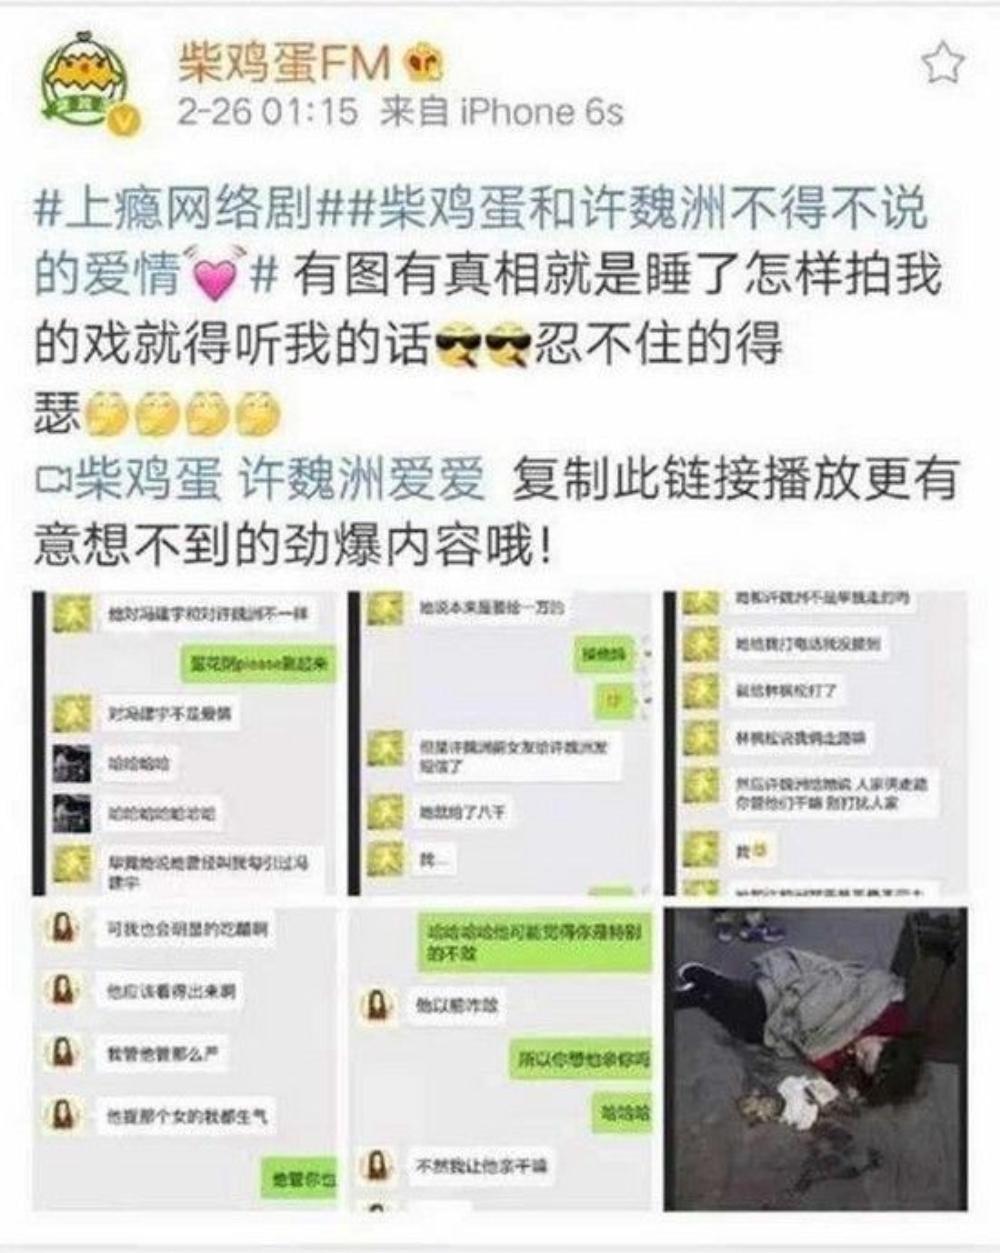 Trước đó, Sài Kê Đản từng tiết lộ chuyện đã qua đêm với Ngụy Châu. Sau đó, cô khẳng định blog cá nhân bị hack.